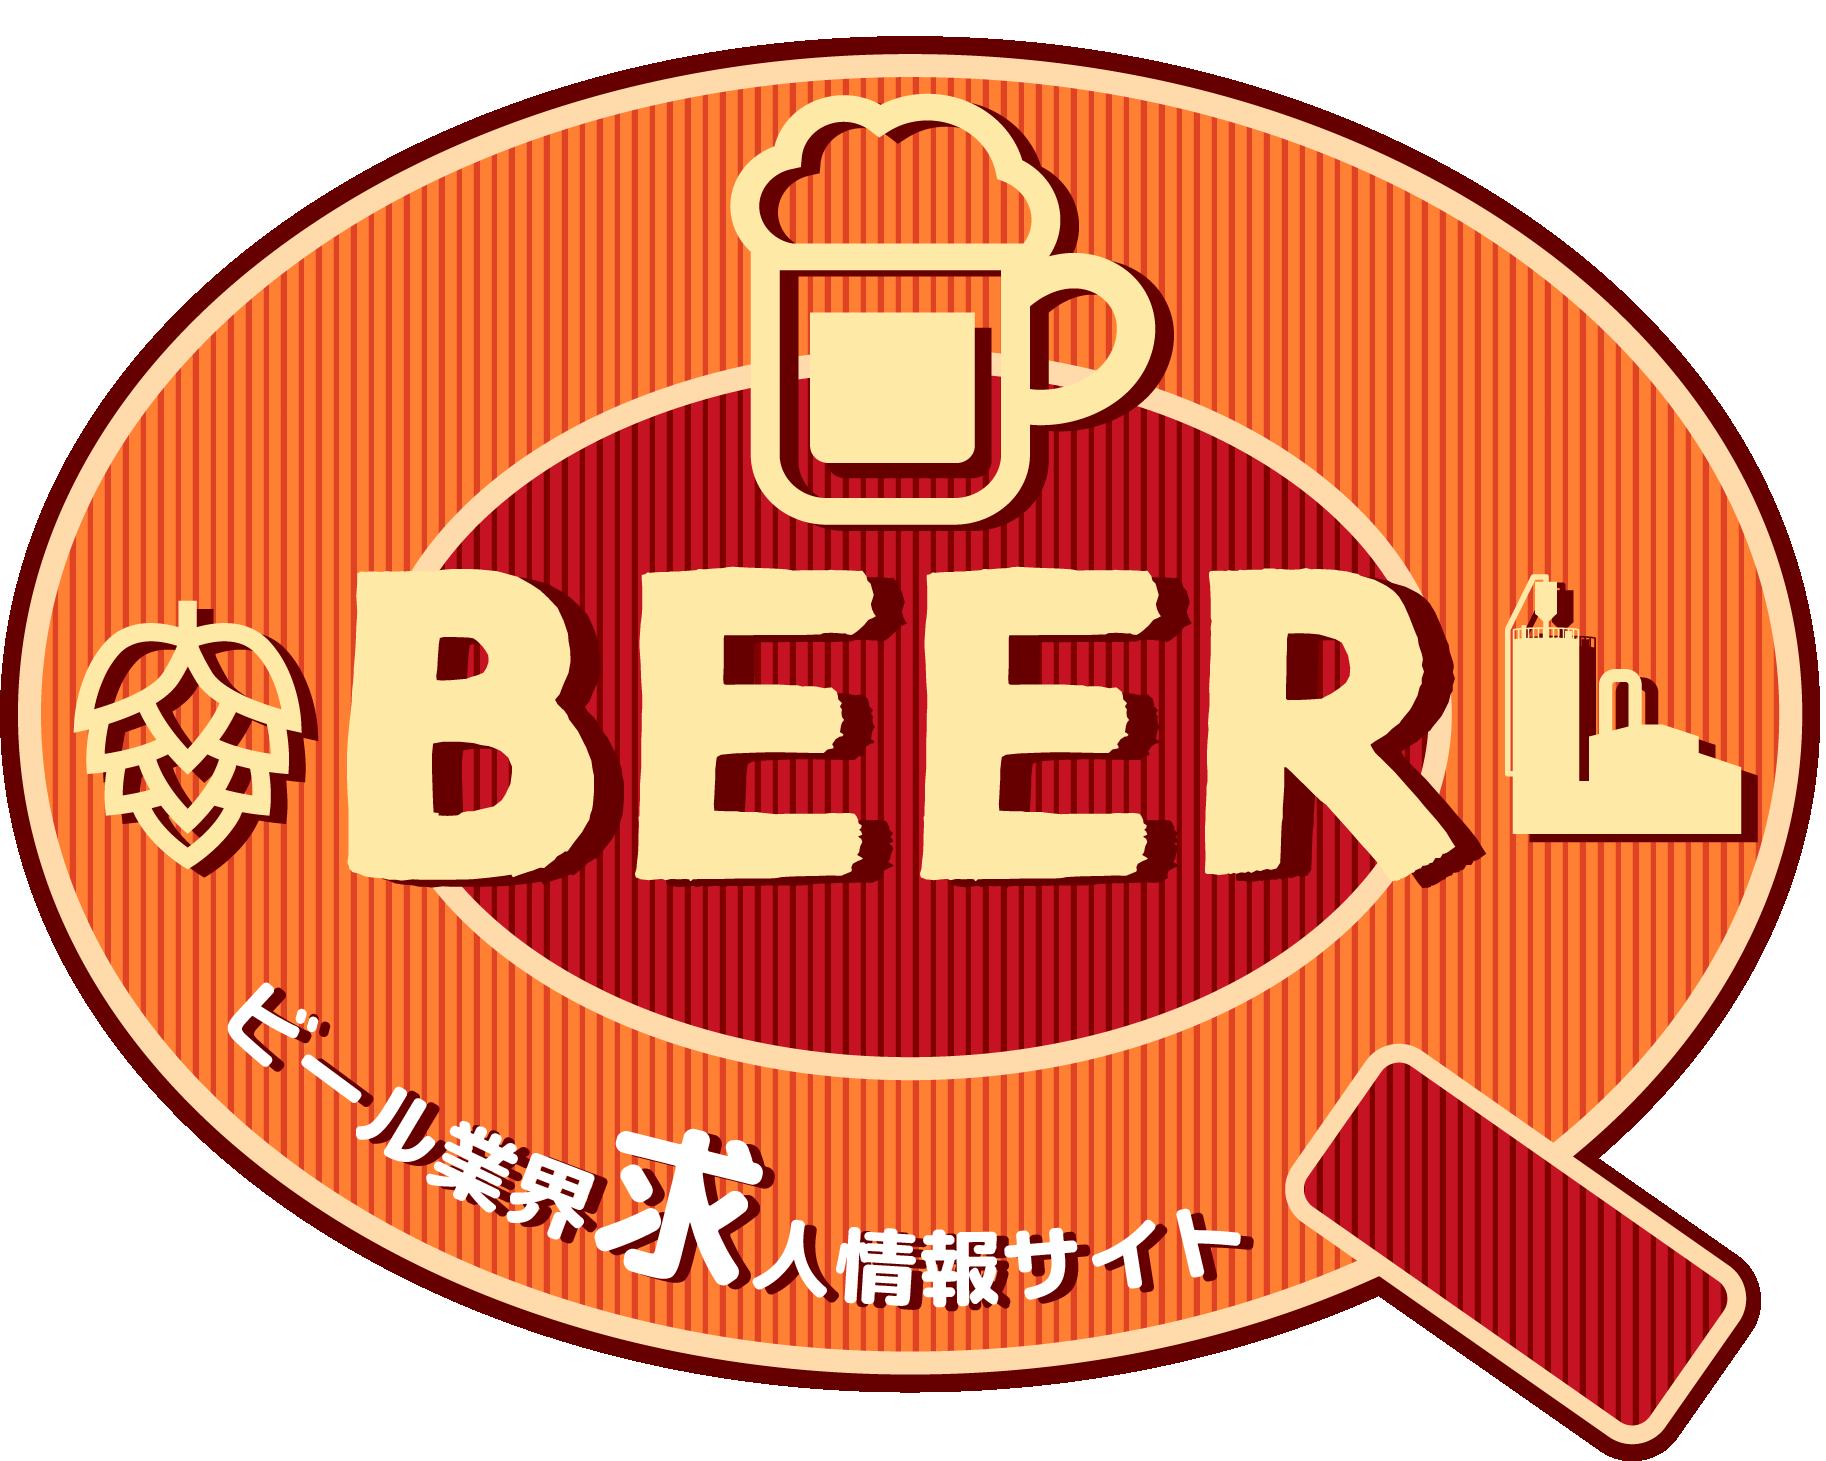 ビール業界求人情報サイト ビアQ